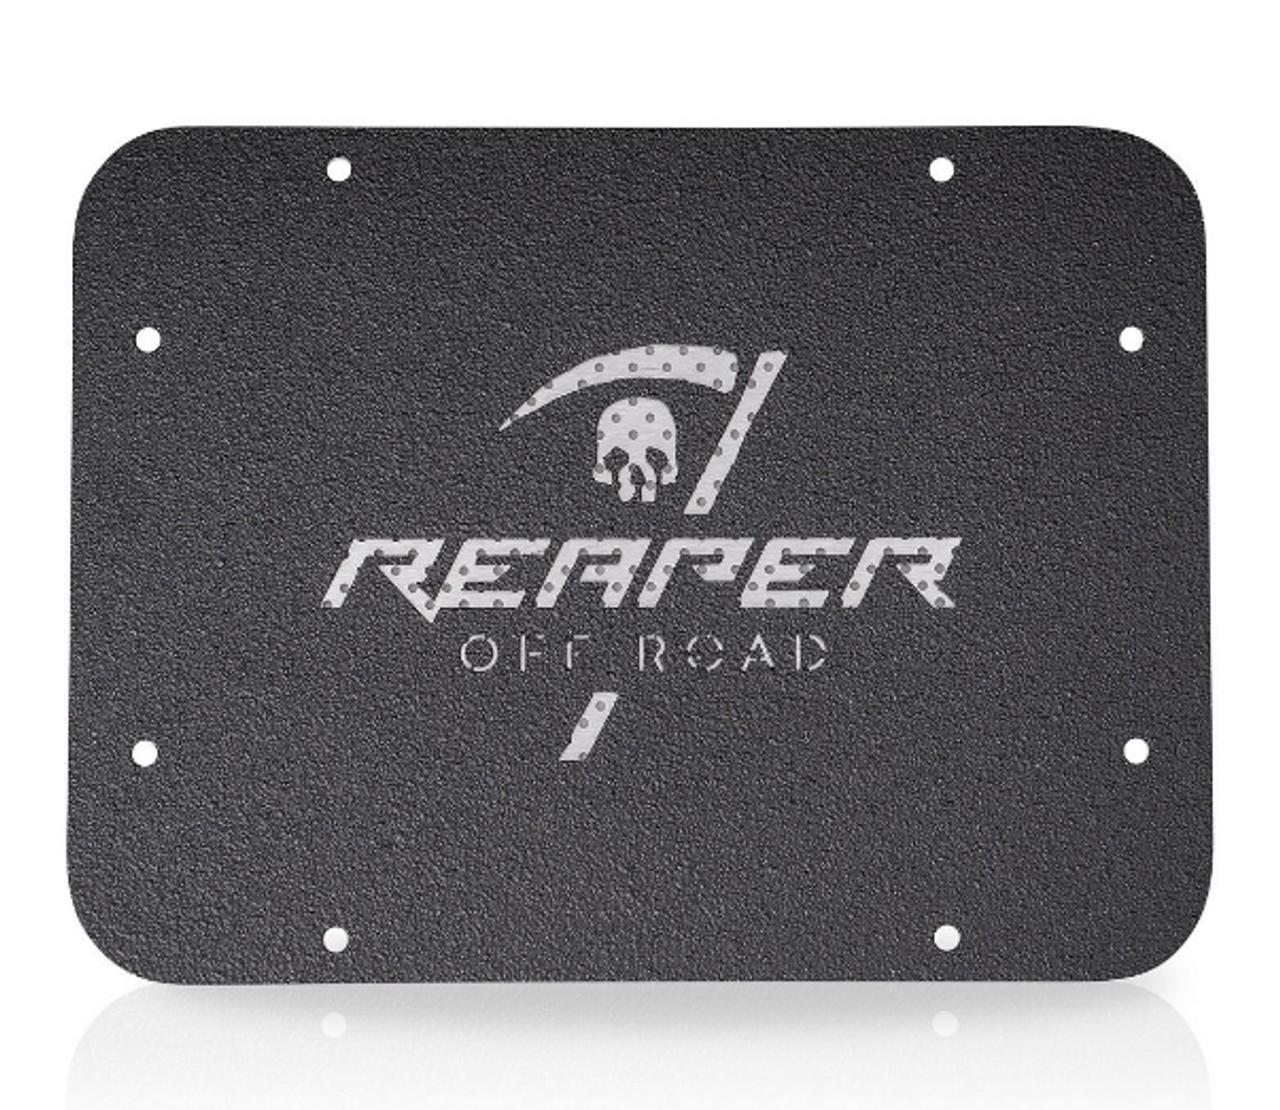 Reaper Off-Road JKTS-B Tailgate Cover in Black for Jeep Wrangler JK 2007-2018